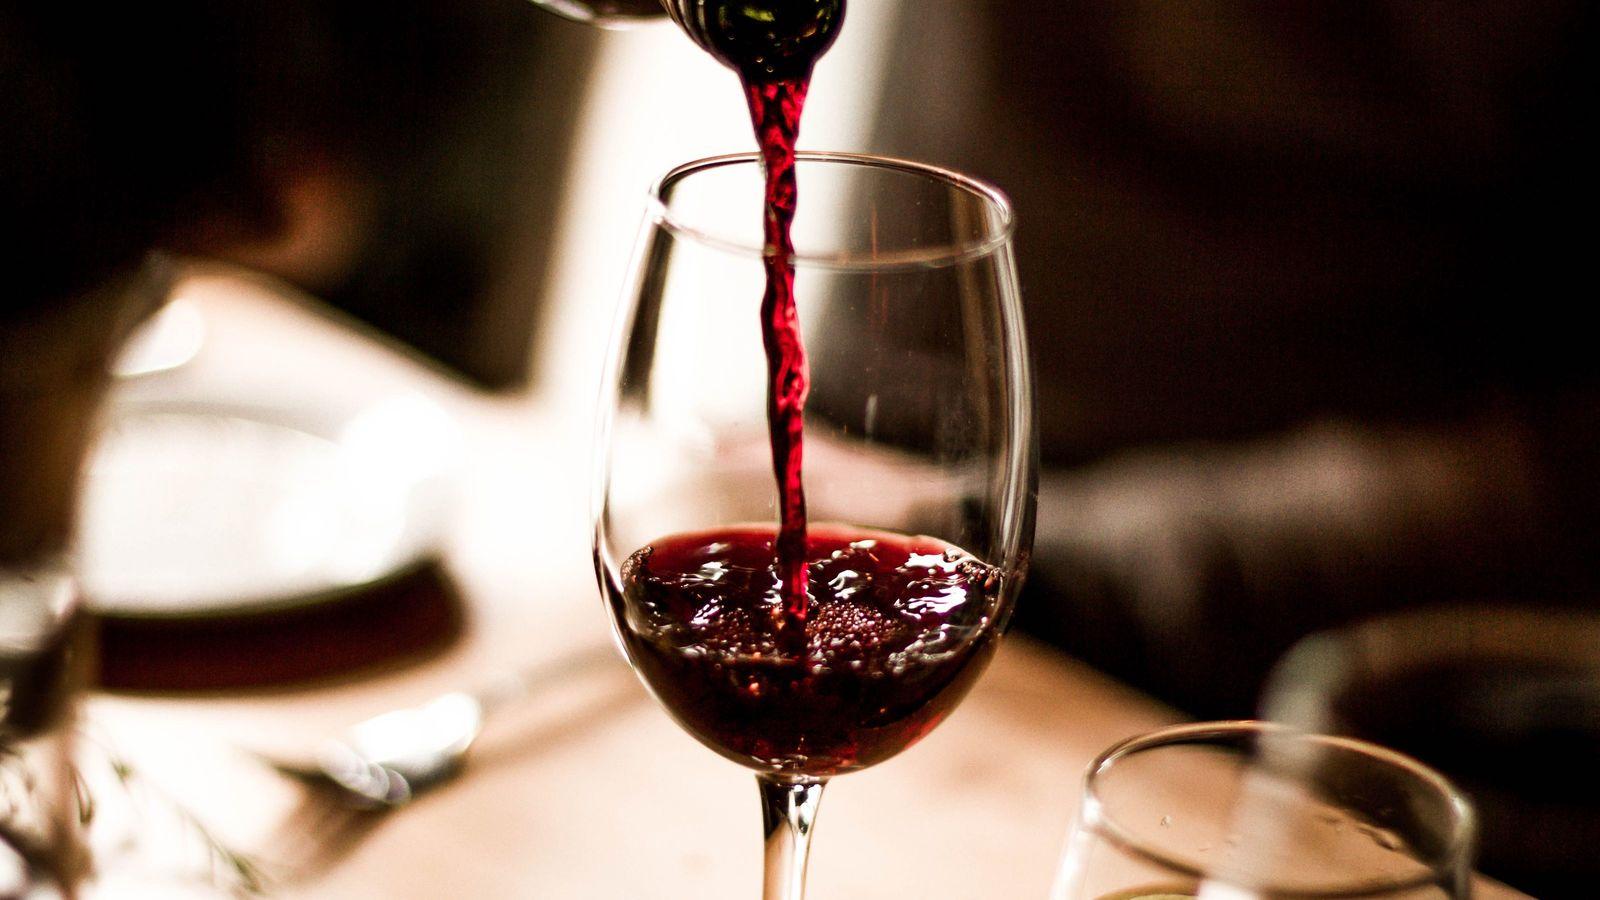 「お酒は少しなら体にいい」がちょっと違うワケ 「酒は百薬の長」はもはや時代遅れ